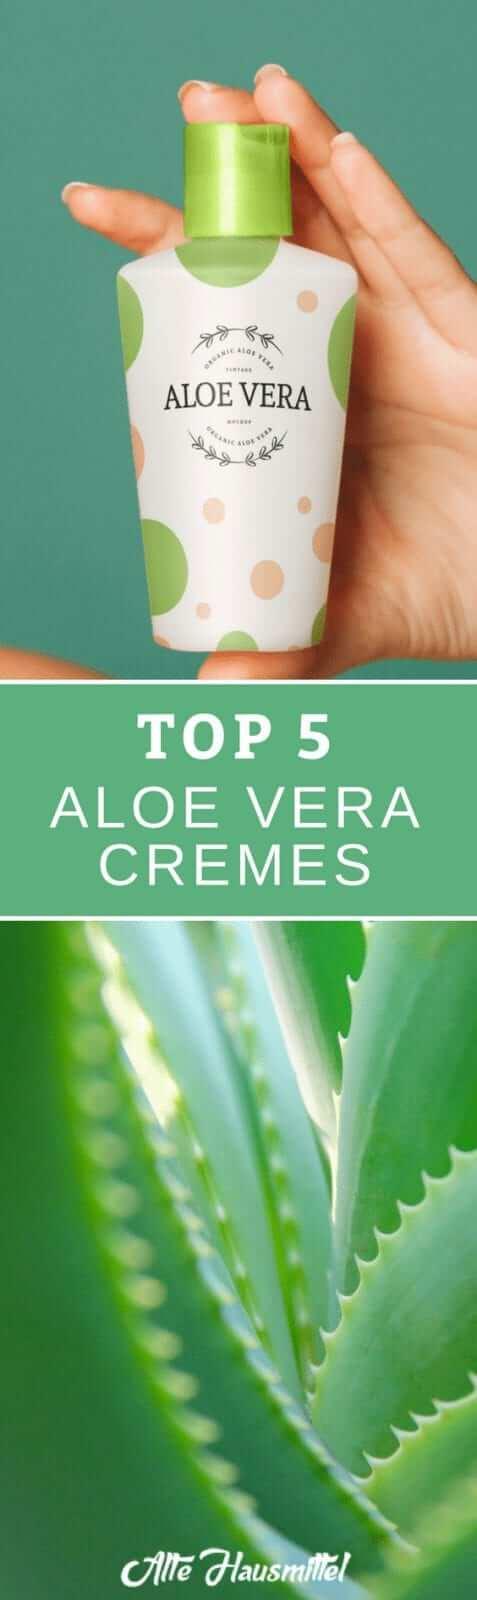 Die besten Aloe Vera Cremes im Test & Vergleich